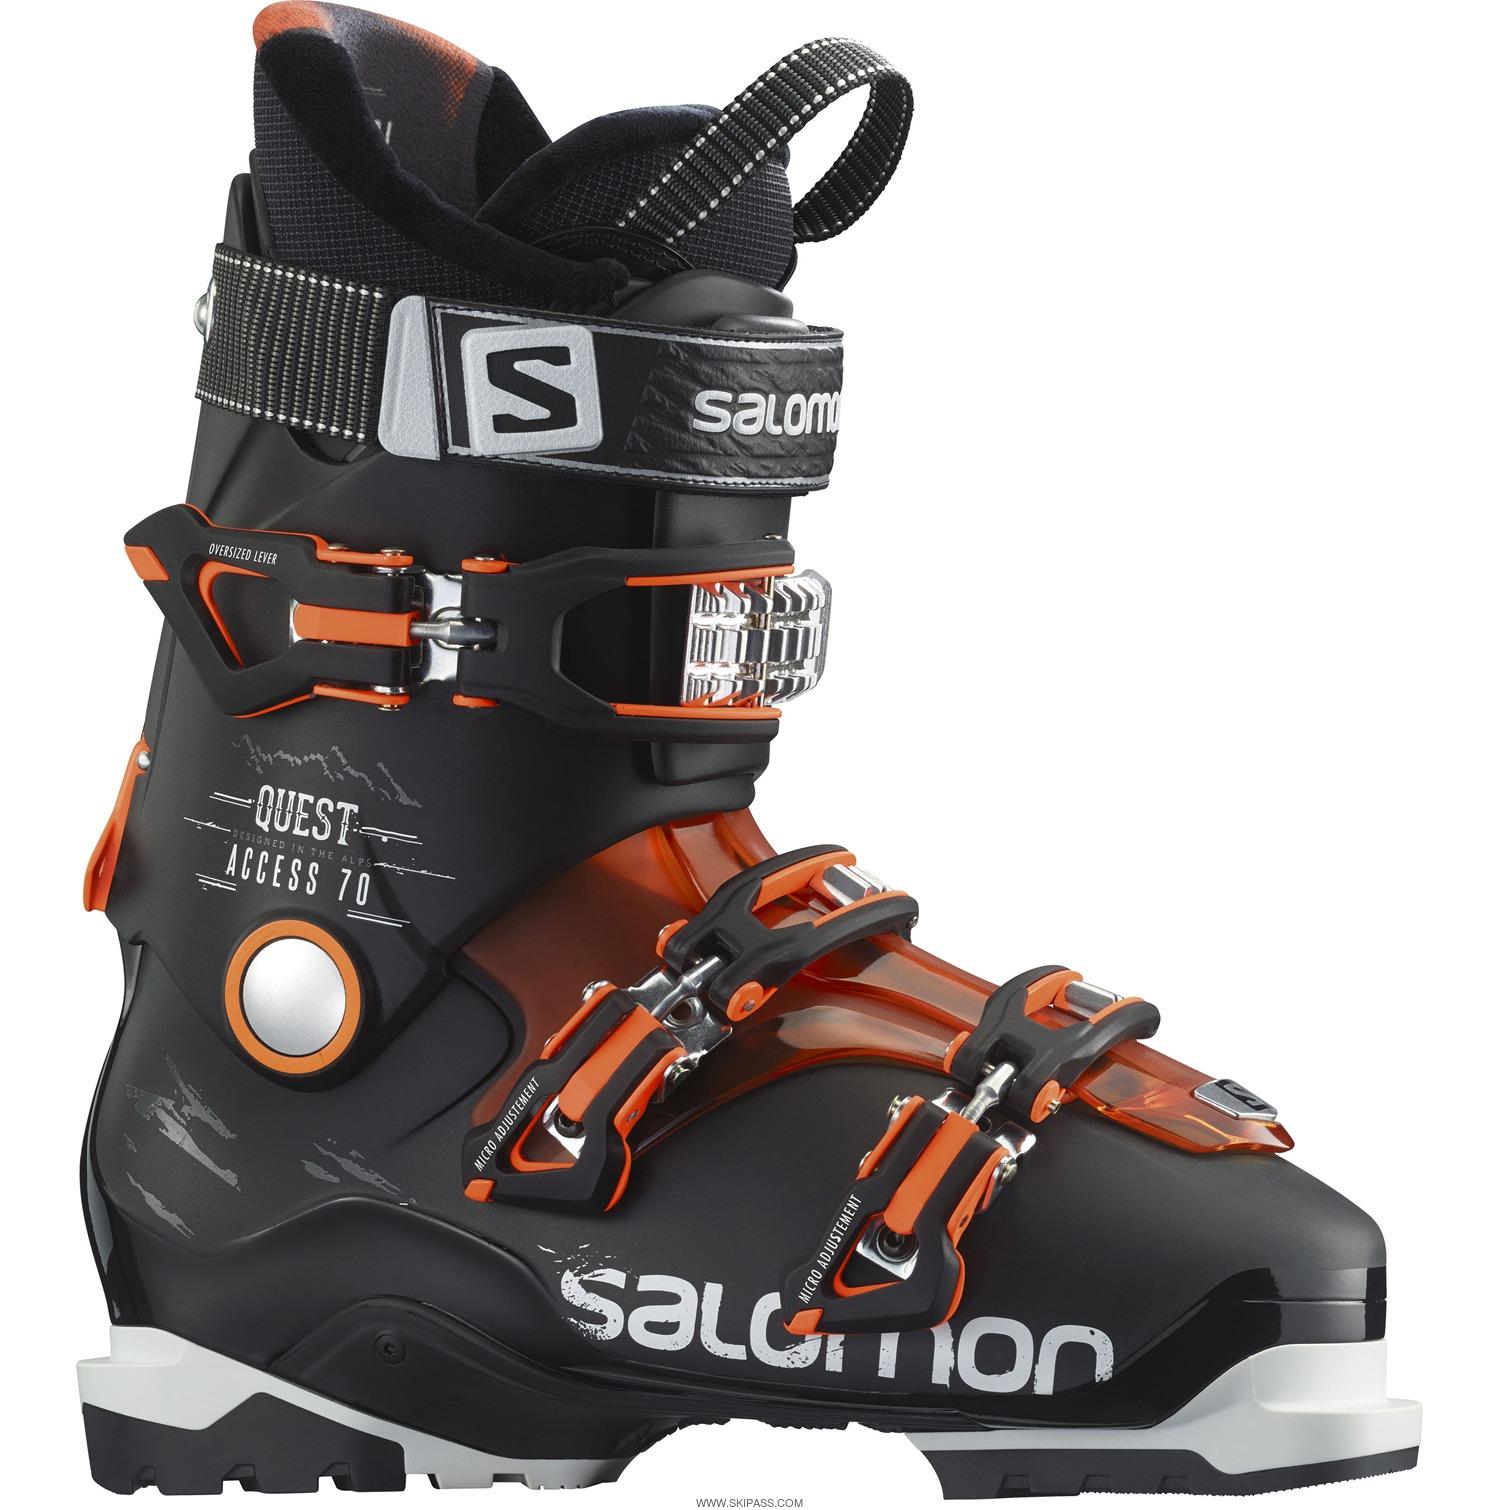 Quest Access 60 W Chaussure Ski Femme SALOMON BLANC pas cher